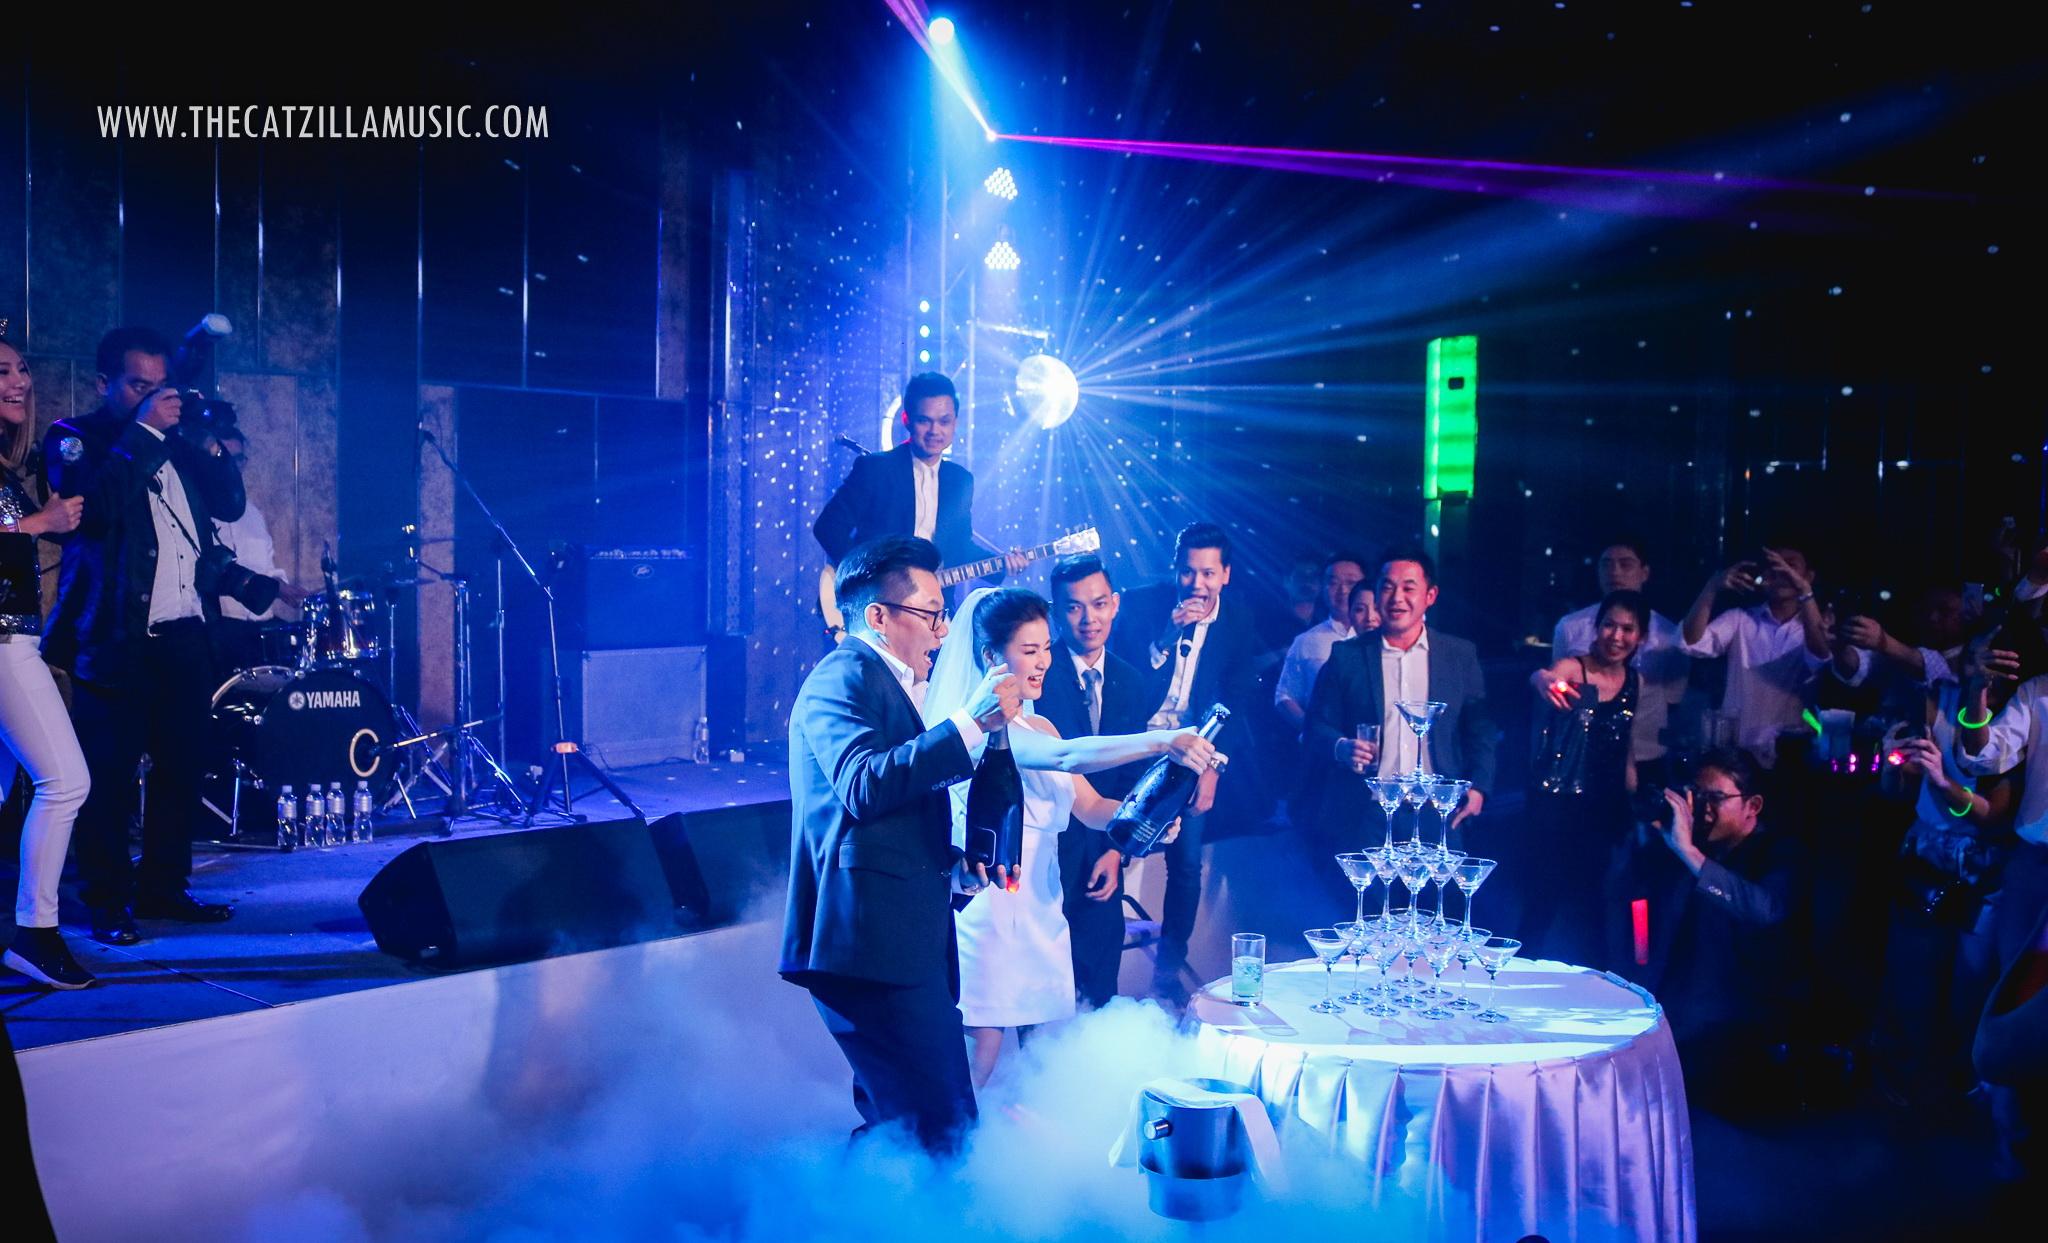 After Party วงดนตรีงานแต่งงาน